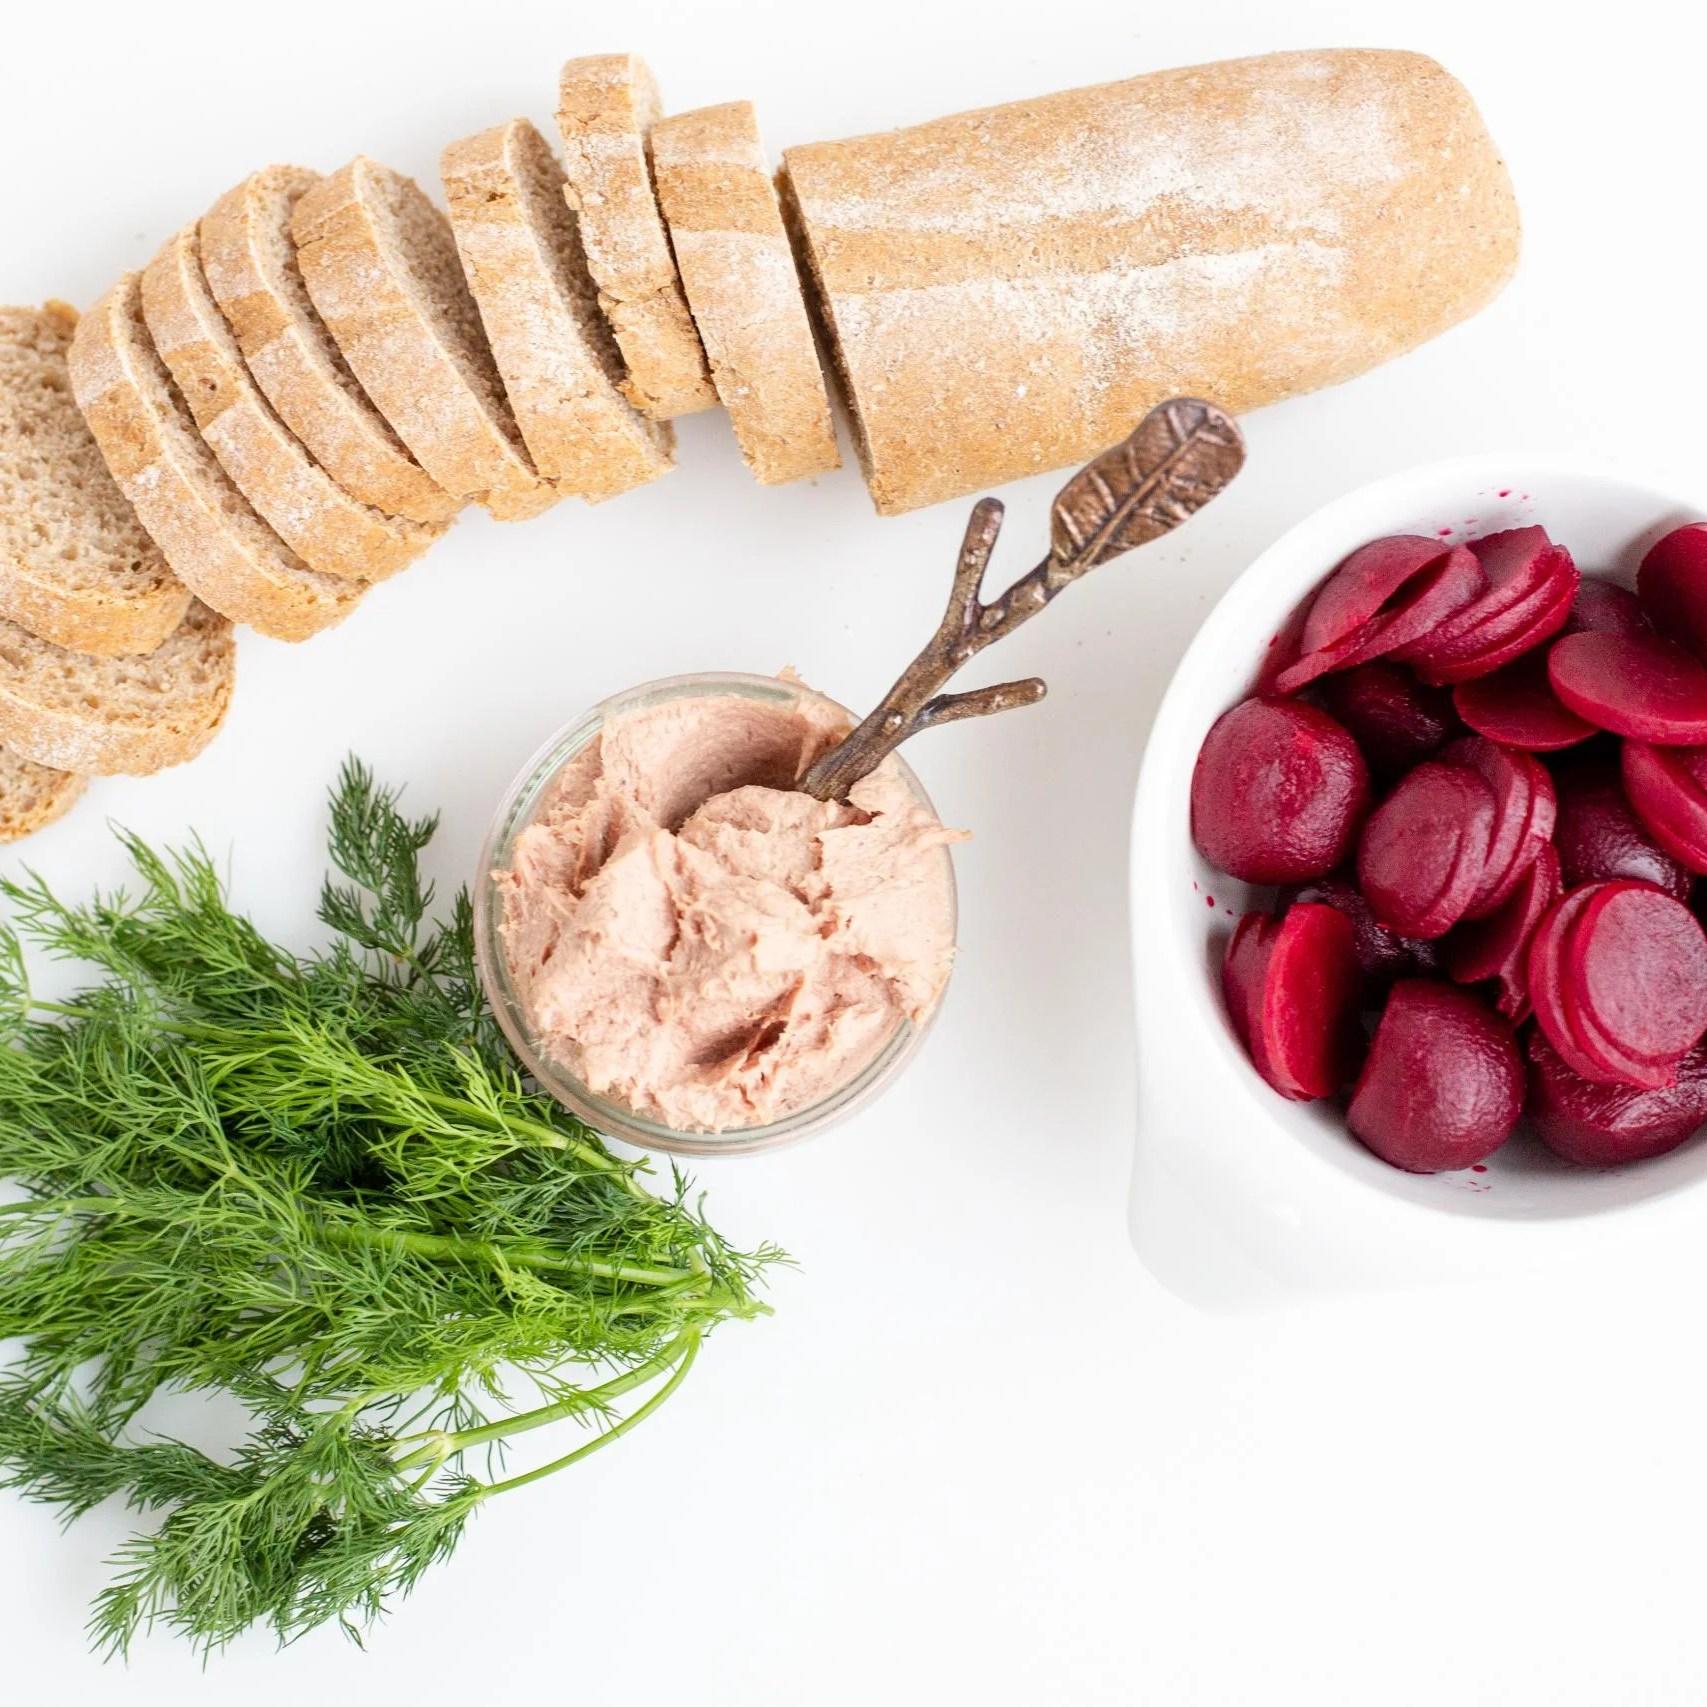 Ingredients for Smørrebrød on a sheet